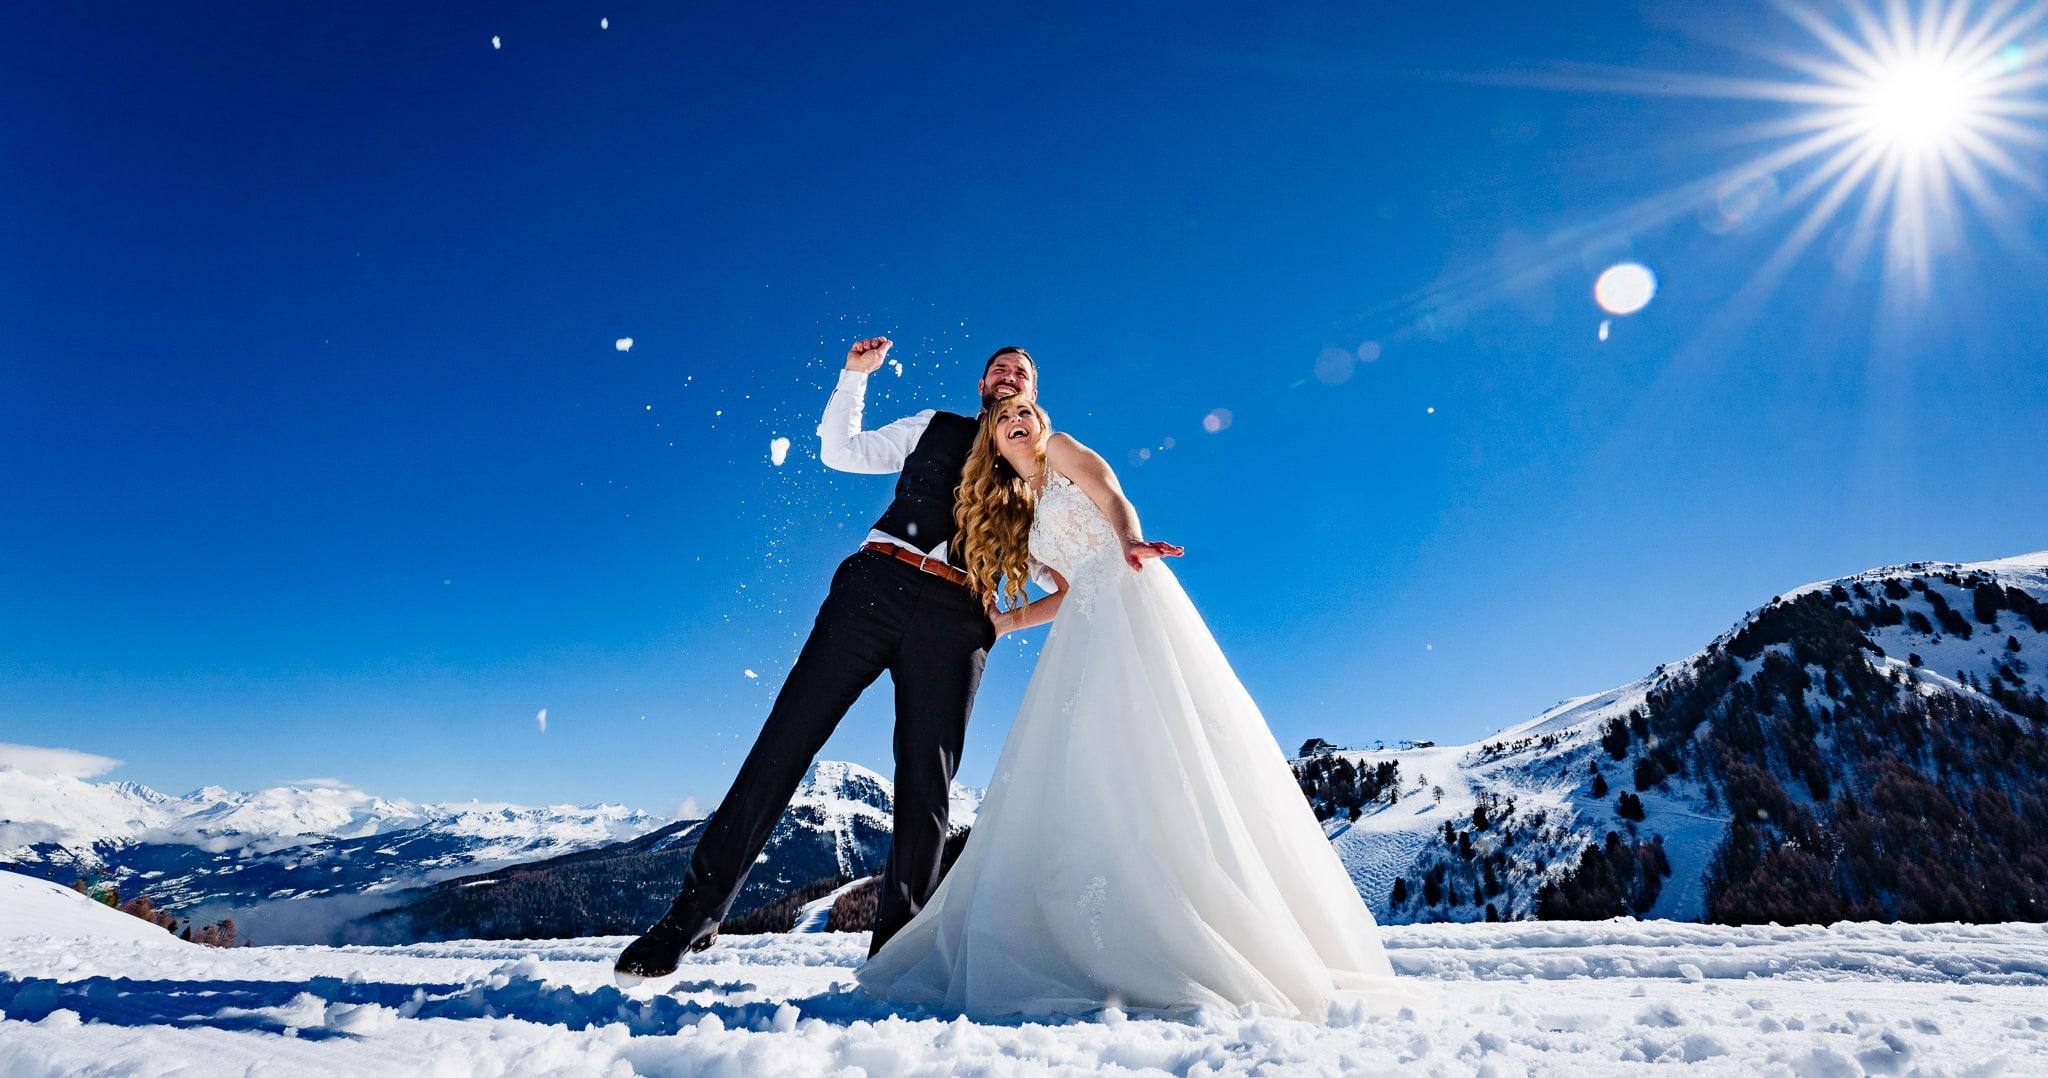 recherche photographe femme pour mariage avis babel site de rencontre